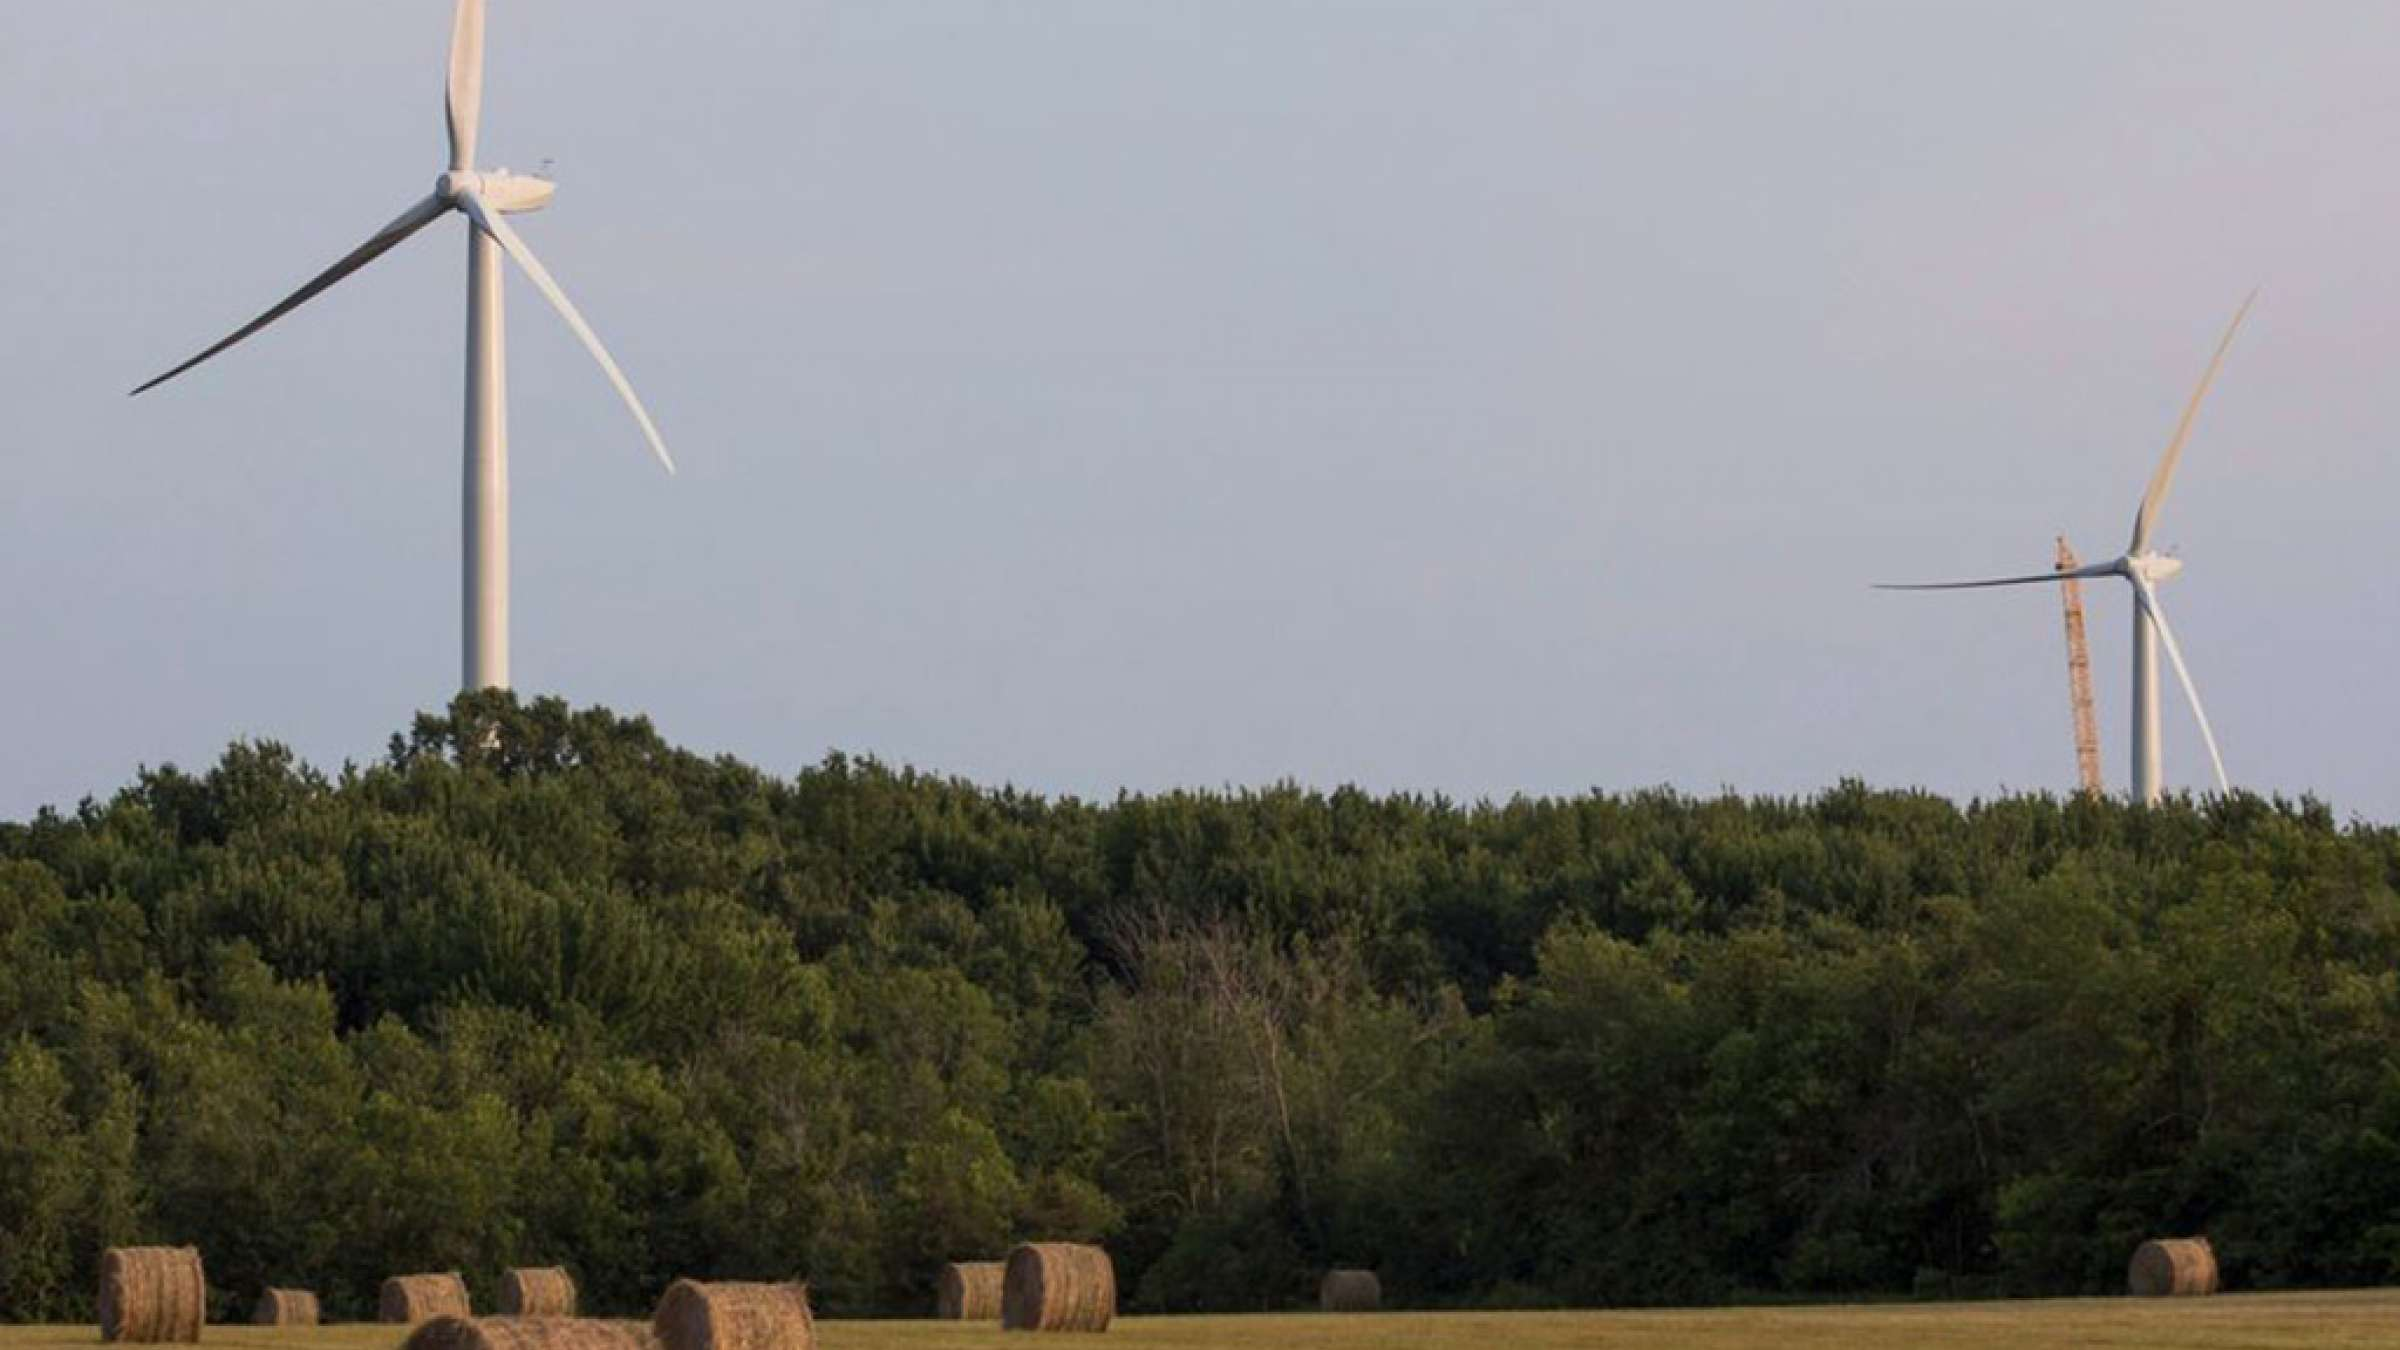 اخبار-تورنتو-انتاریو-برای-لغو-انرژی-پاک-231-میلیون-دلار-داد